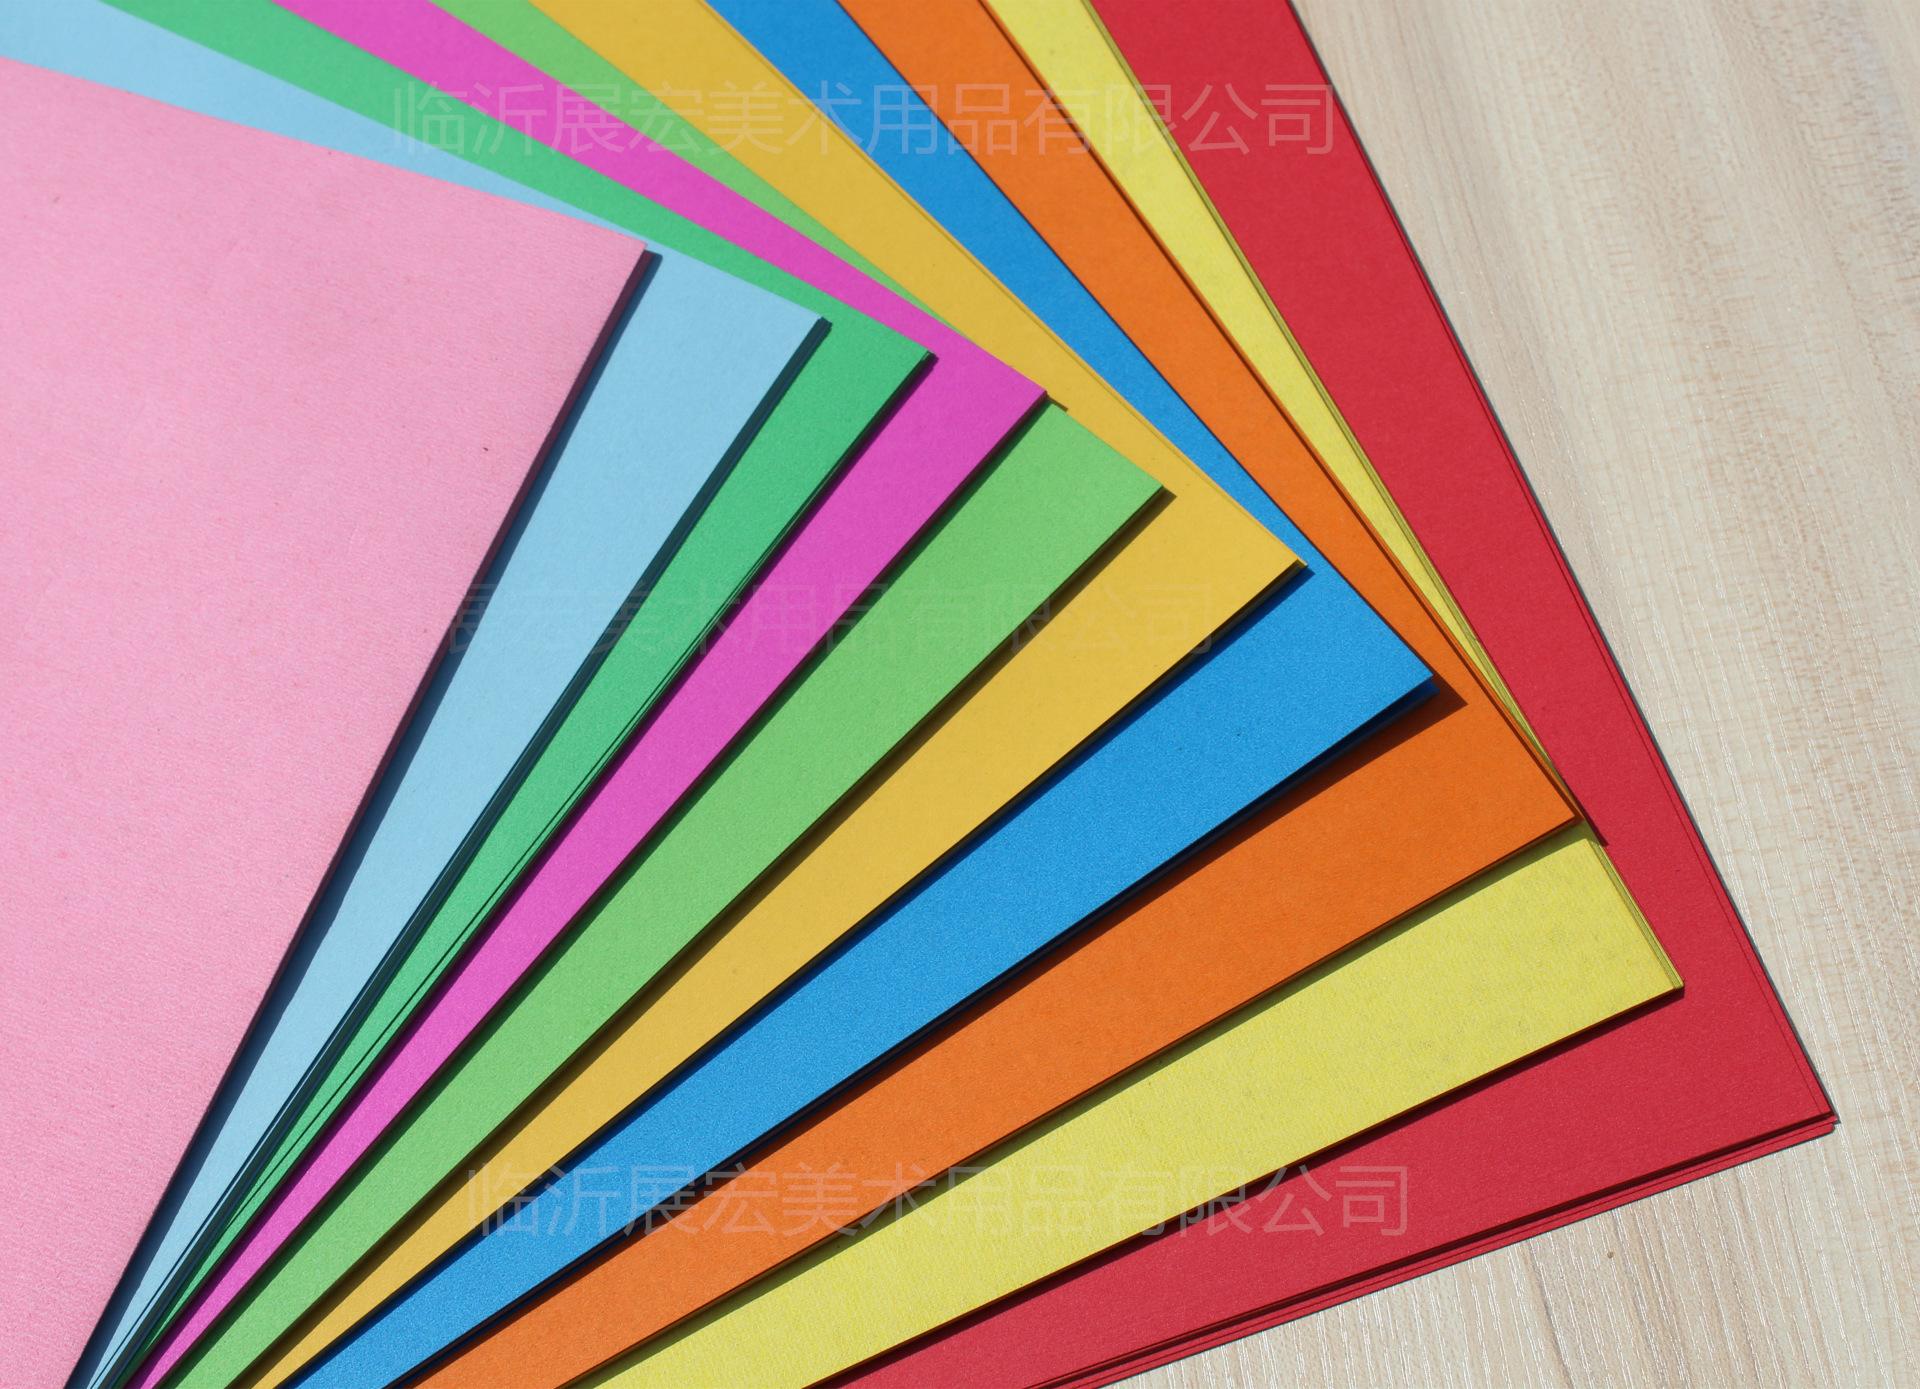 鼎世文豪 4K彩色卡纸手工彩色卡纸手工剪纸彩卡纸硬卡纸